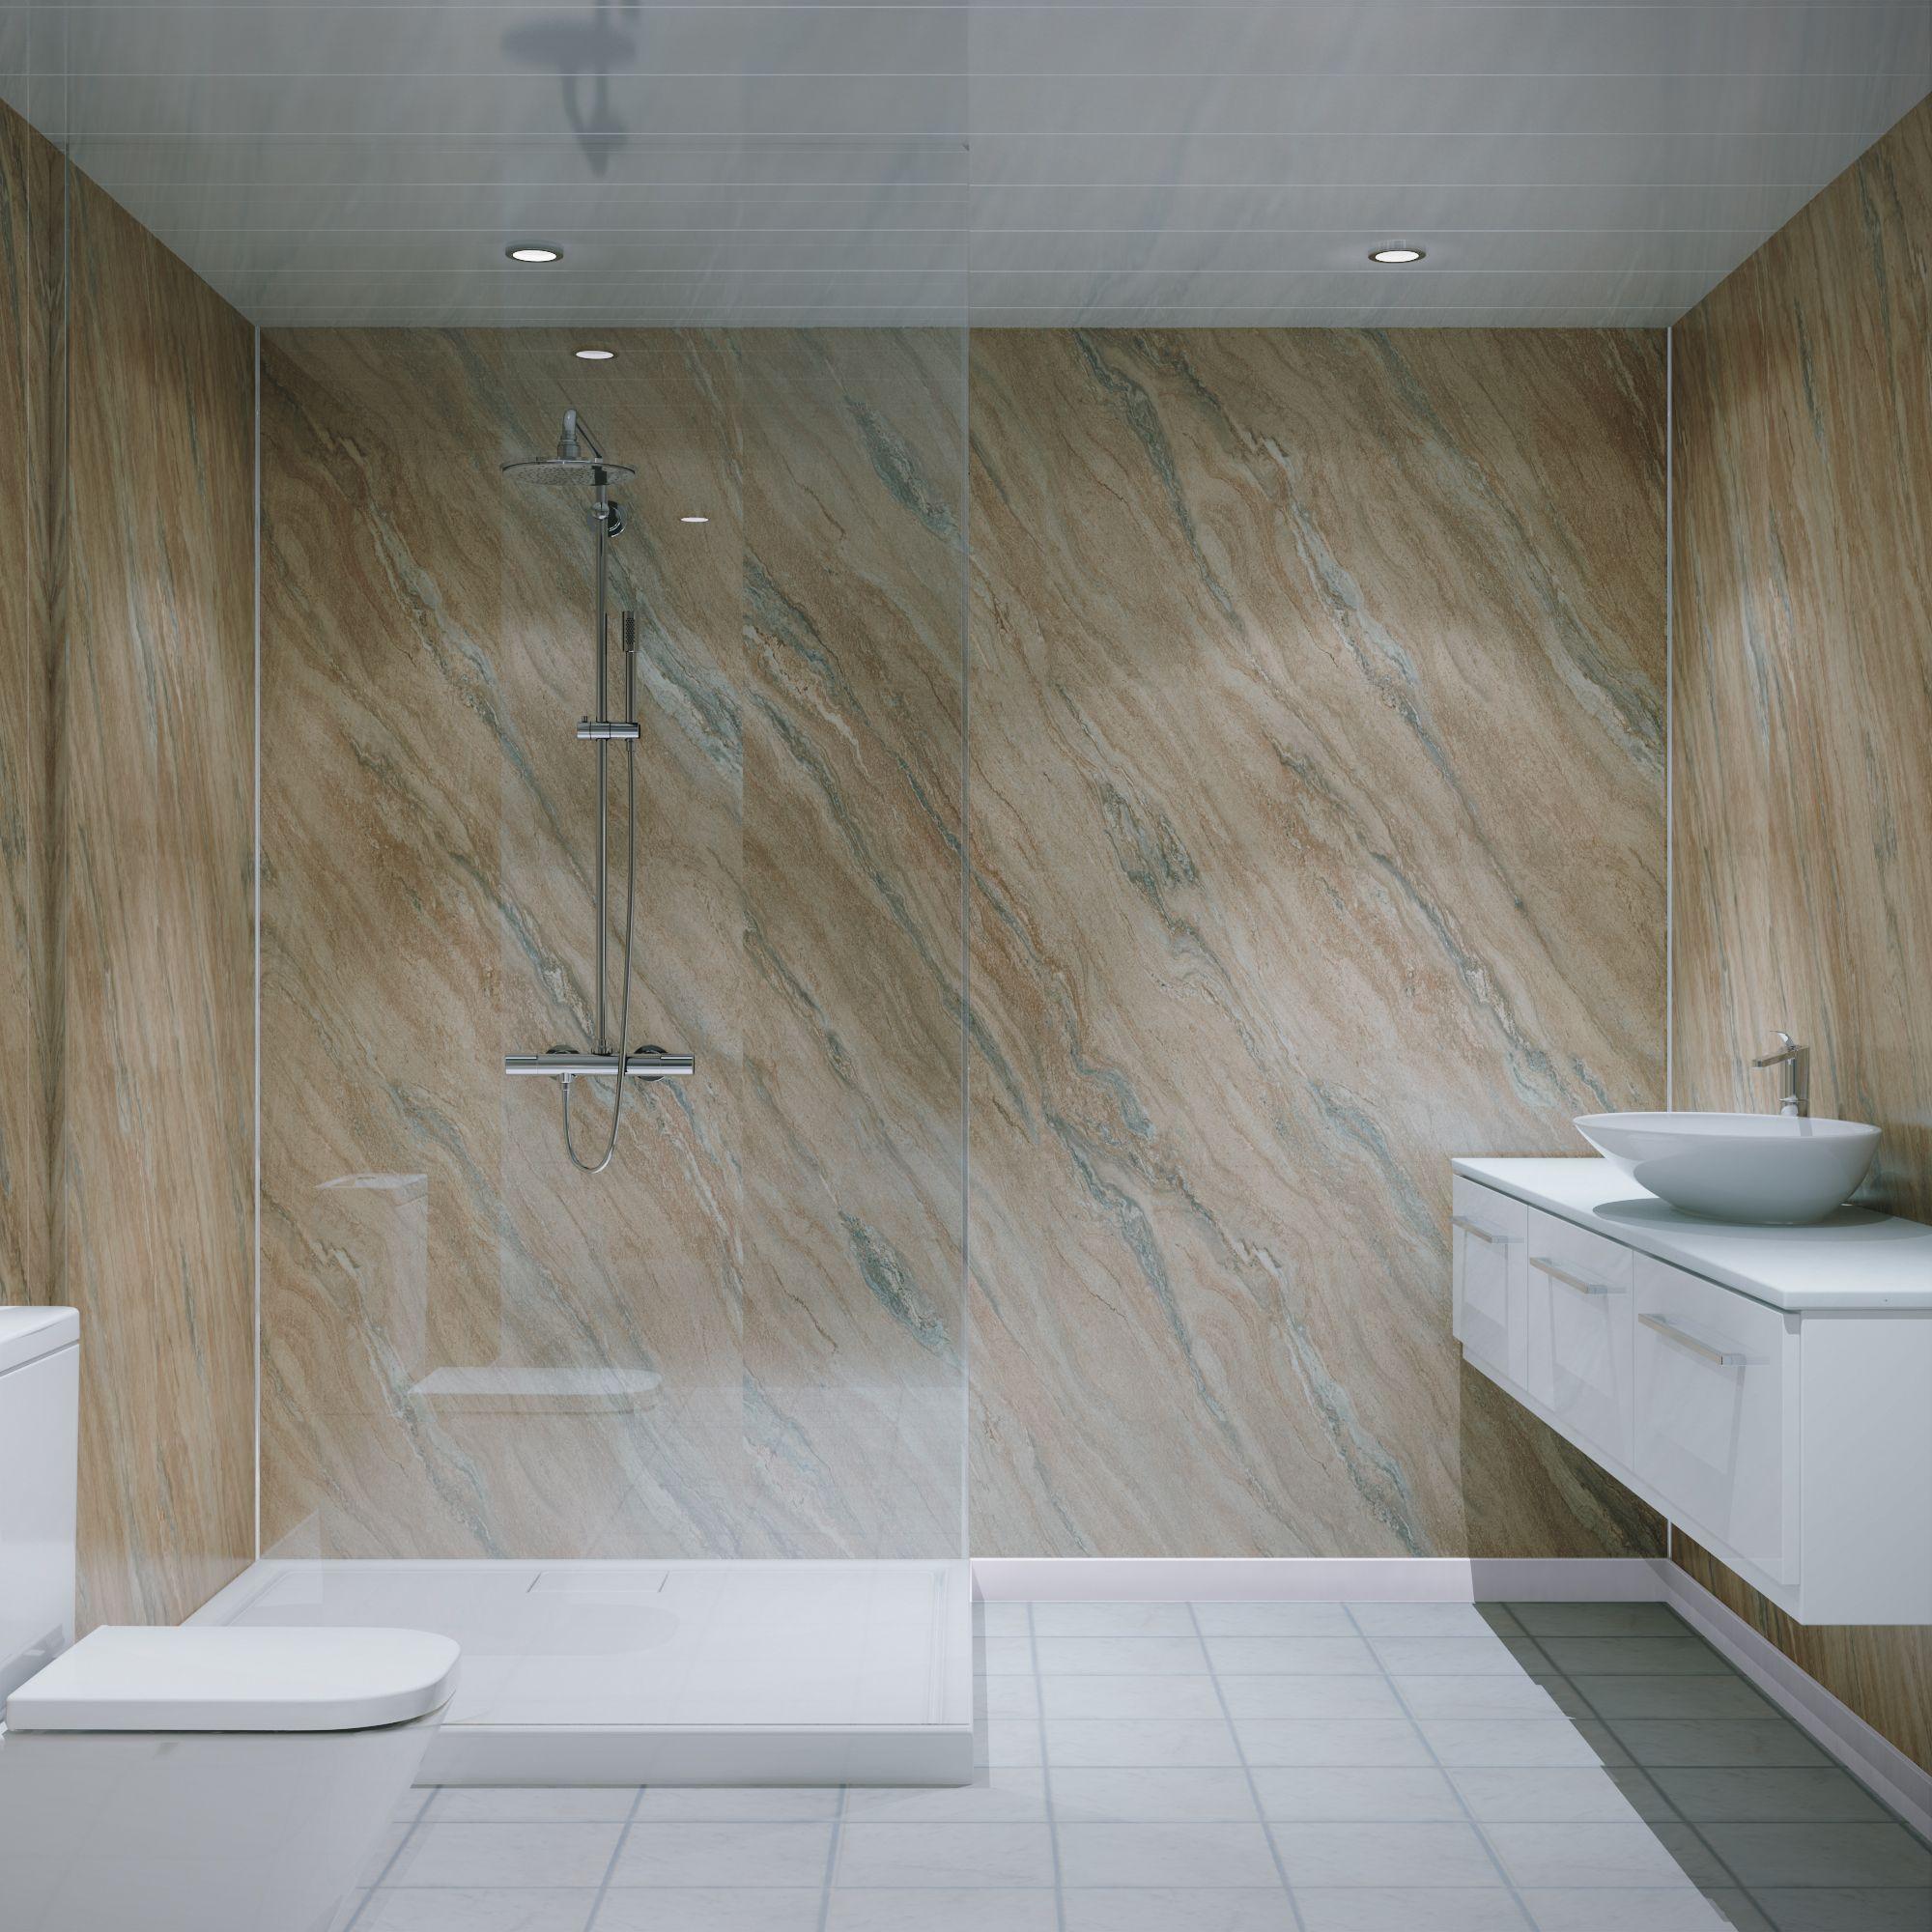 Bathroom Wall Panels Visualiser Sandstone Bathroomdesignvisualiser Modern Bathroom Design Grey Bathroom Wall Panels Elegant Bathroom